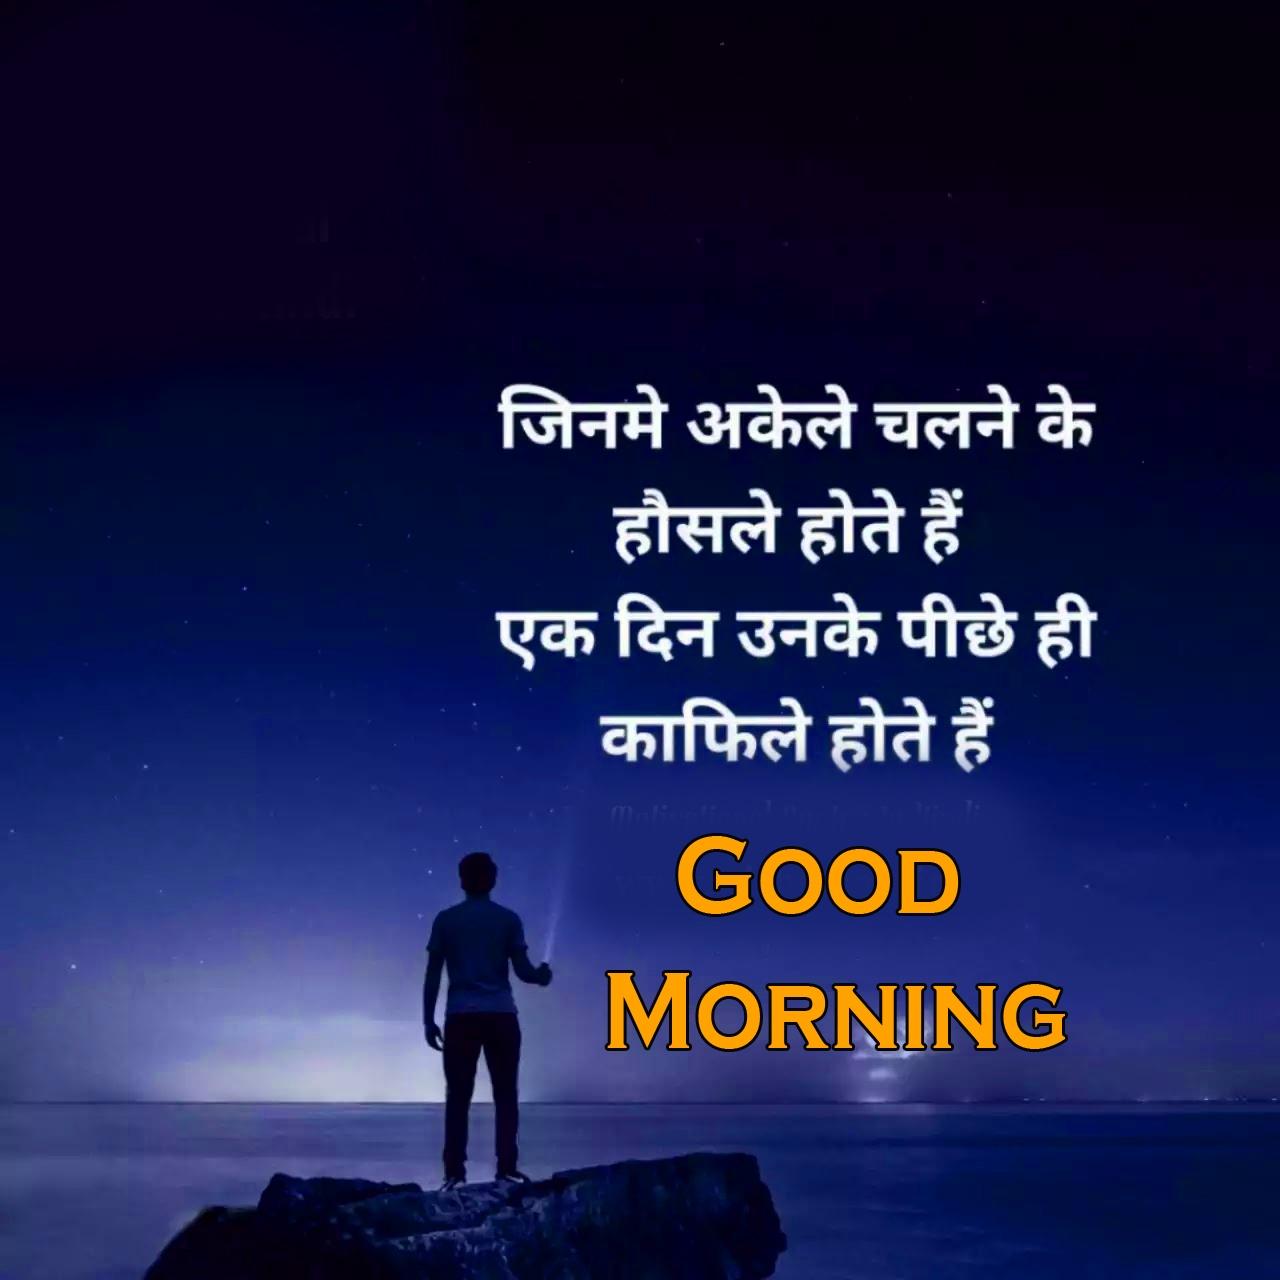 Hindi Good Morning Images 3 1